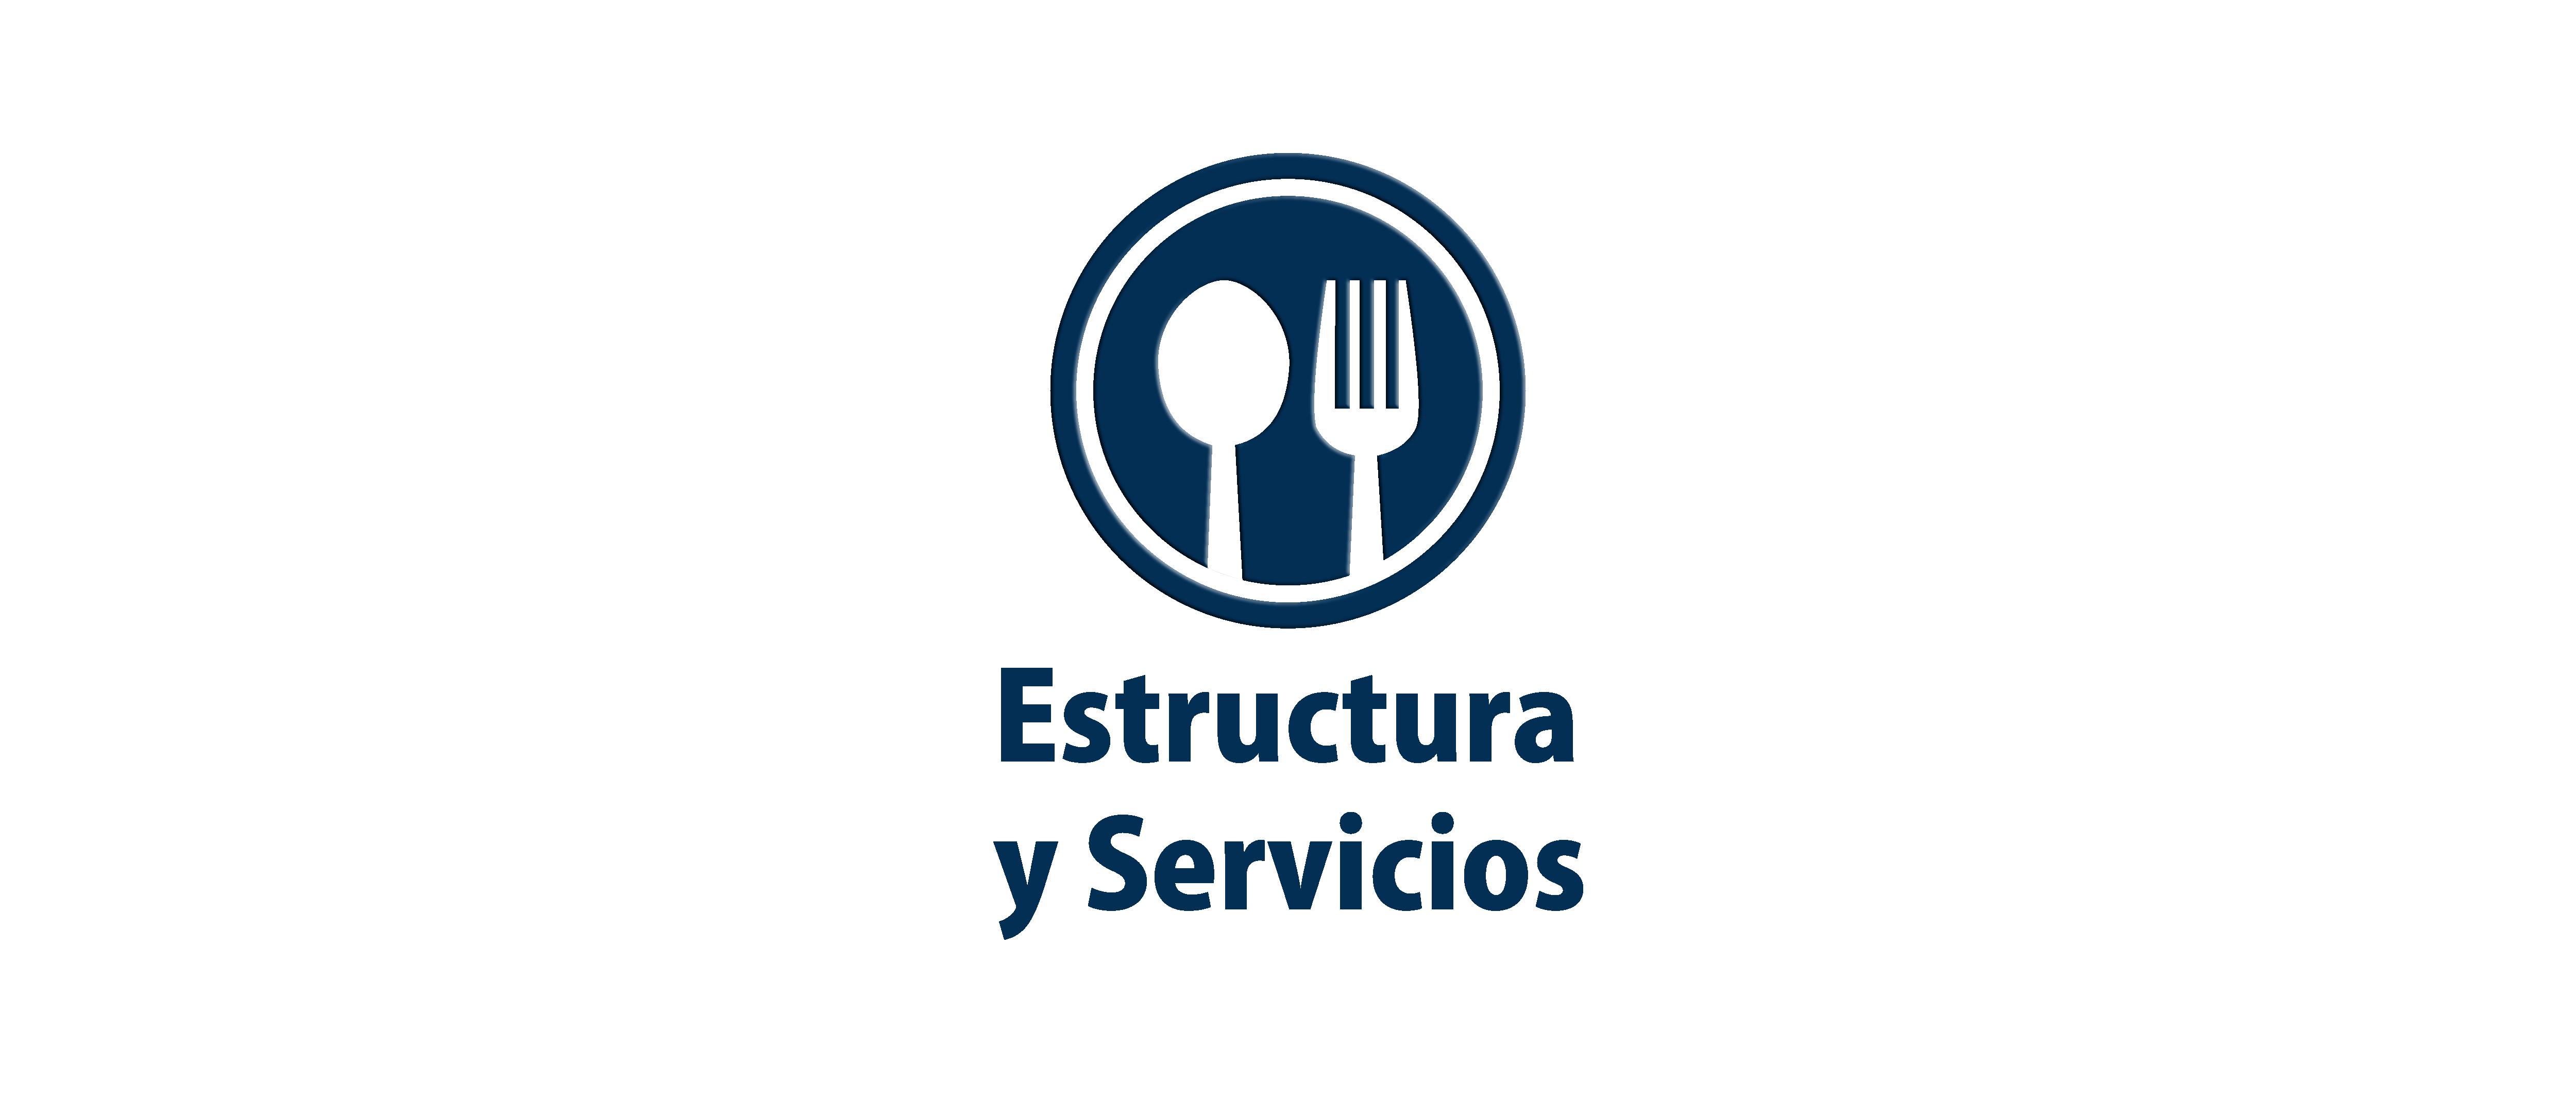 estructura y servicios.png